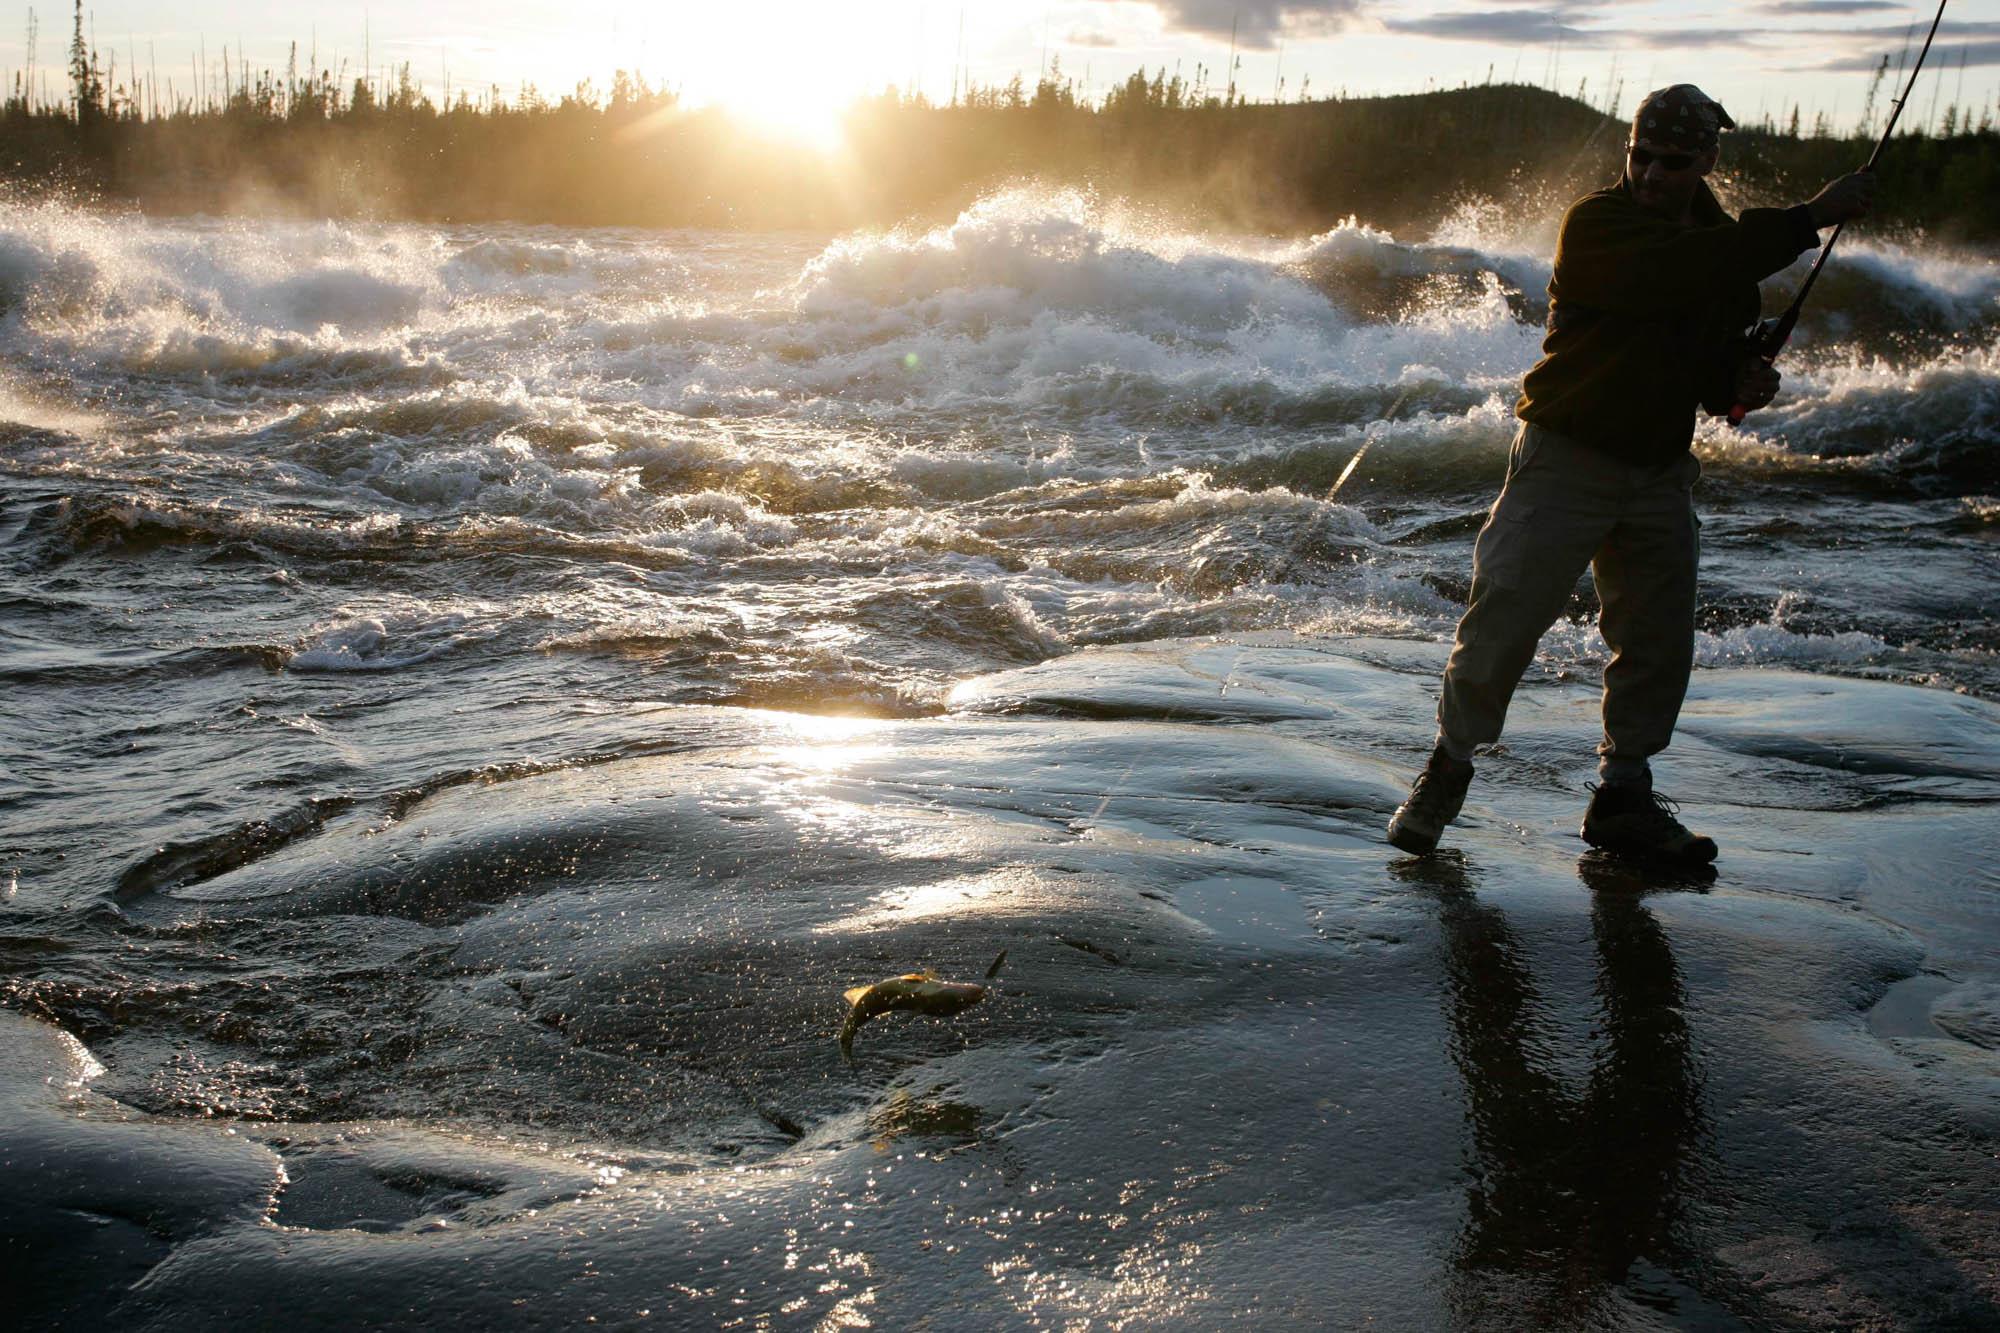 Stéphane Pelletier capture un doré sur la rivière Rupert à environ 300 Kilomètre de l'embouchure durant une expedition en juillet 2006. Expedition on the Rupert River, July 2006.